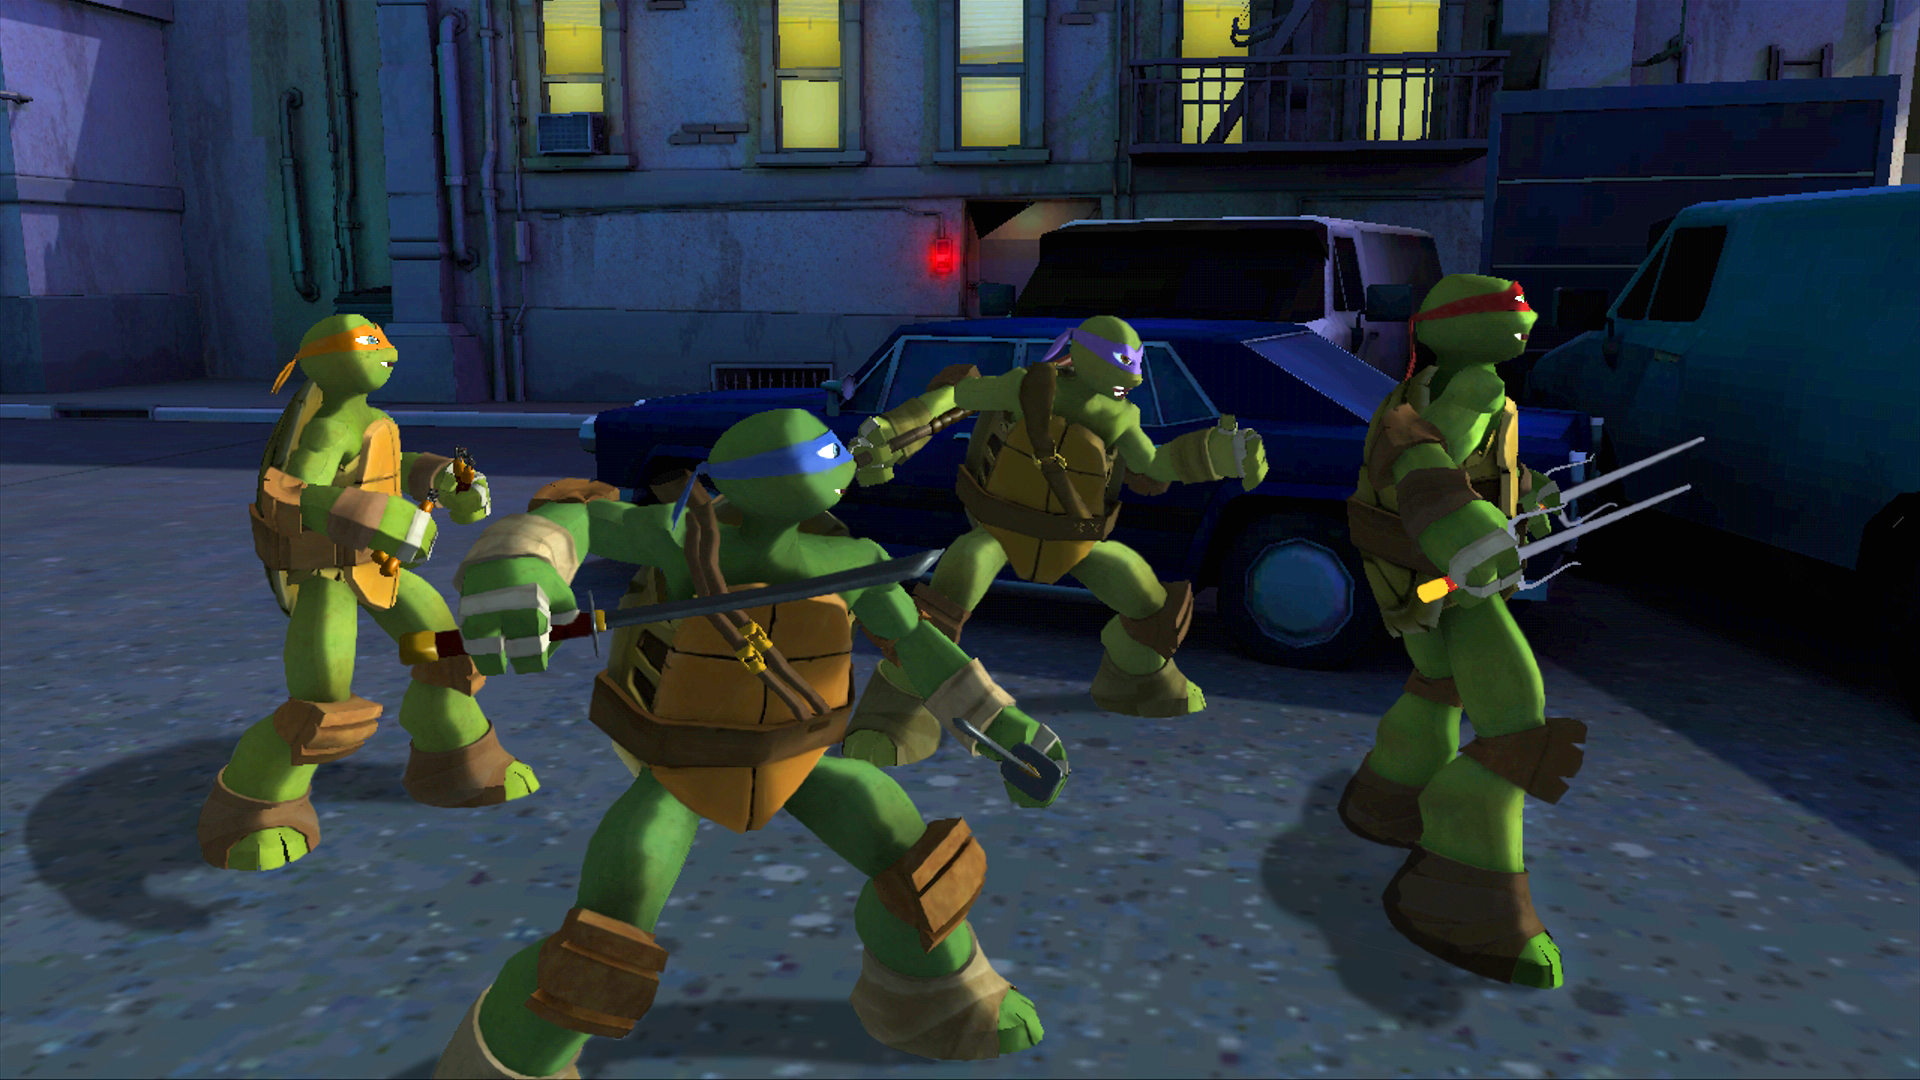 teenage mutant ninja turtle games - HD1500×844